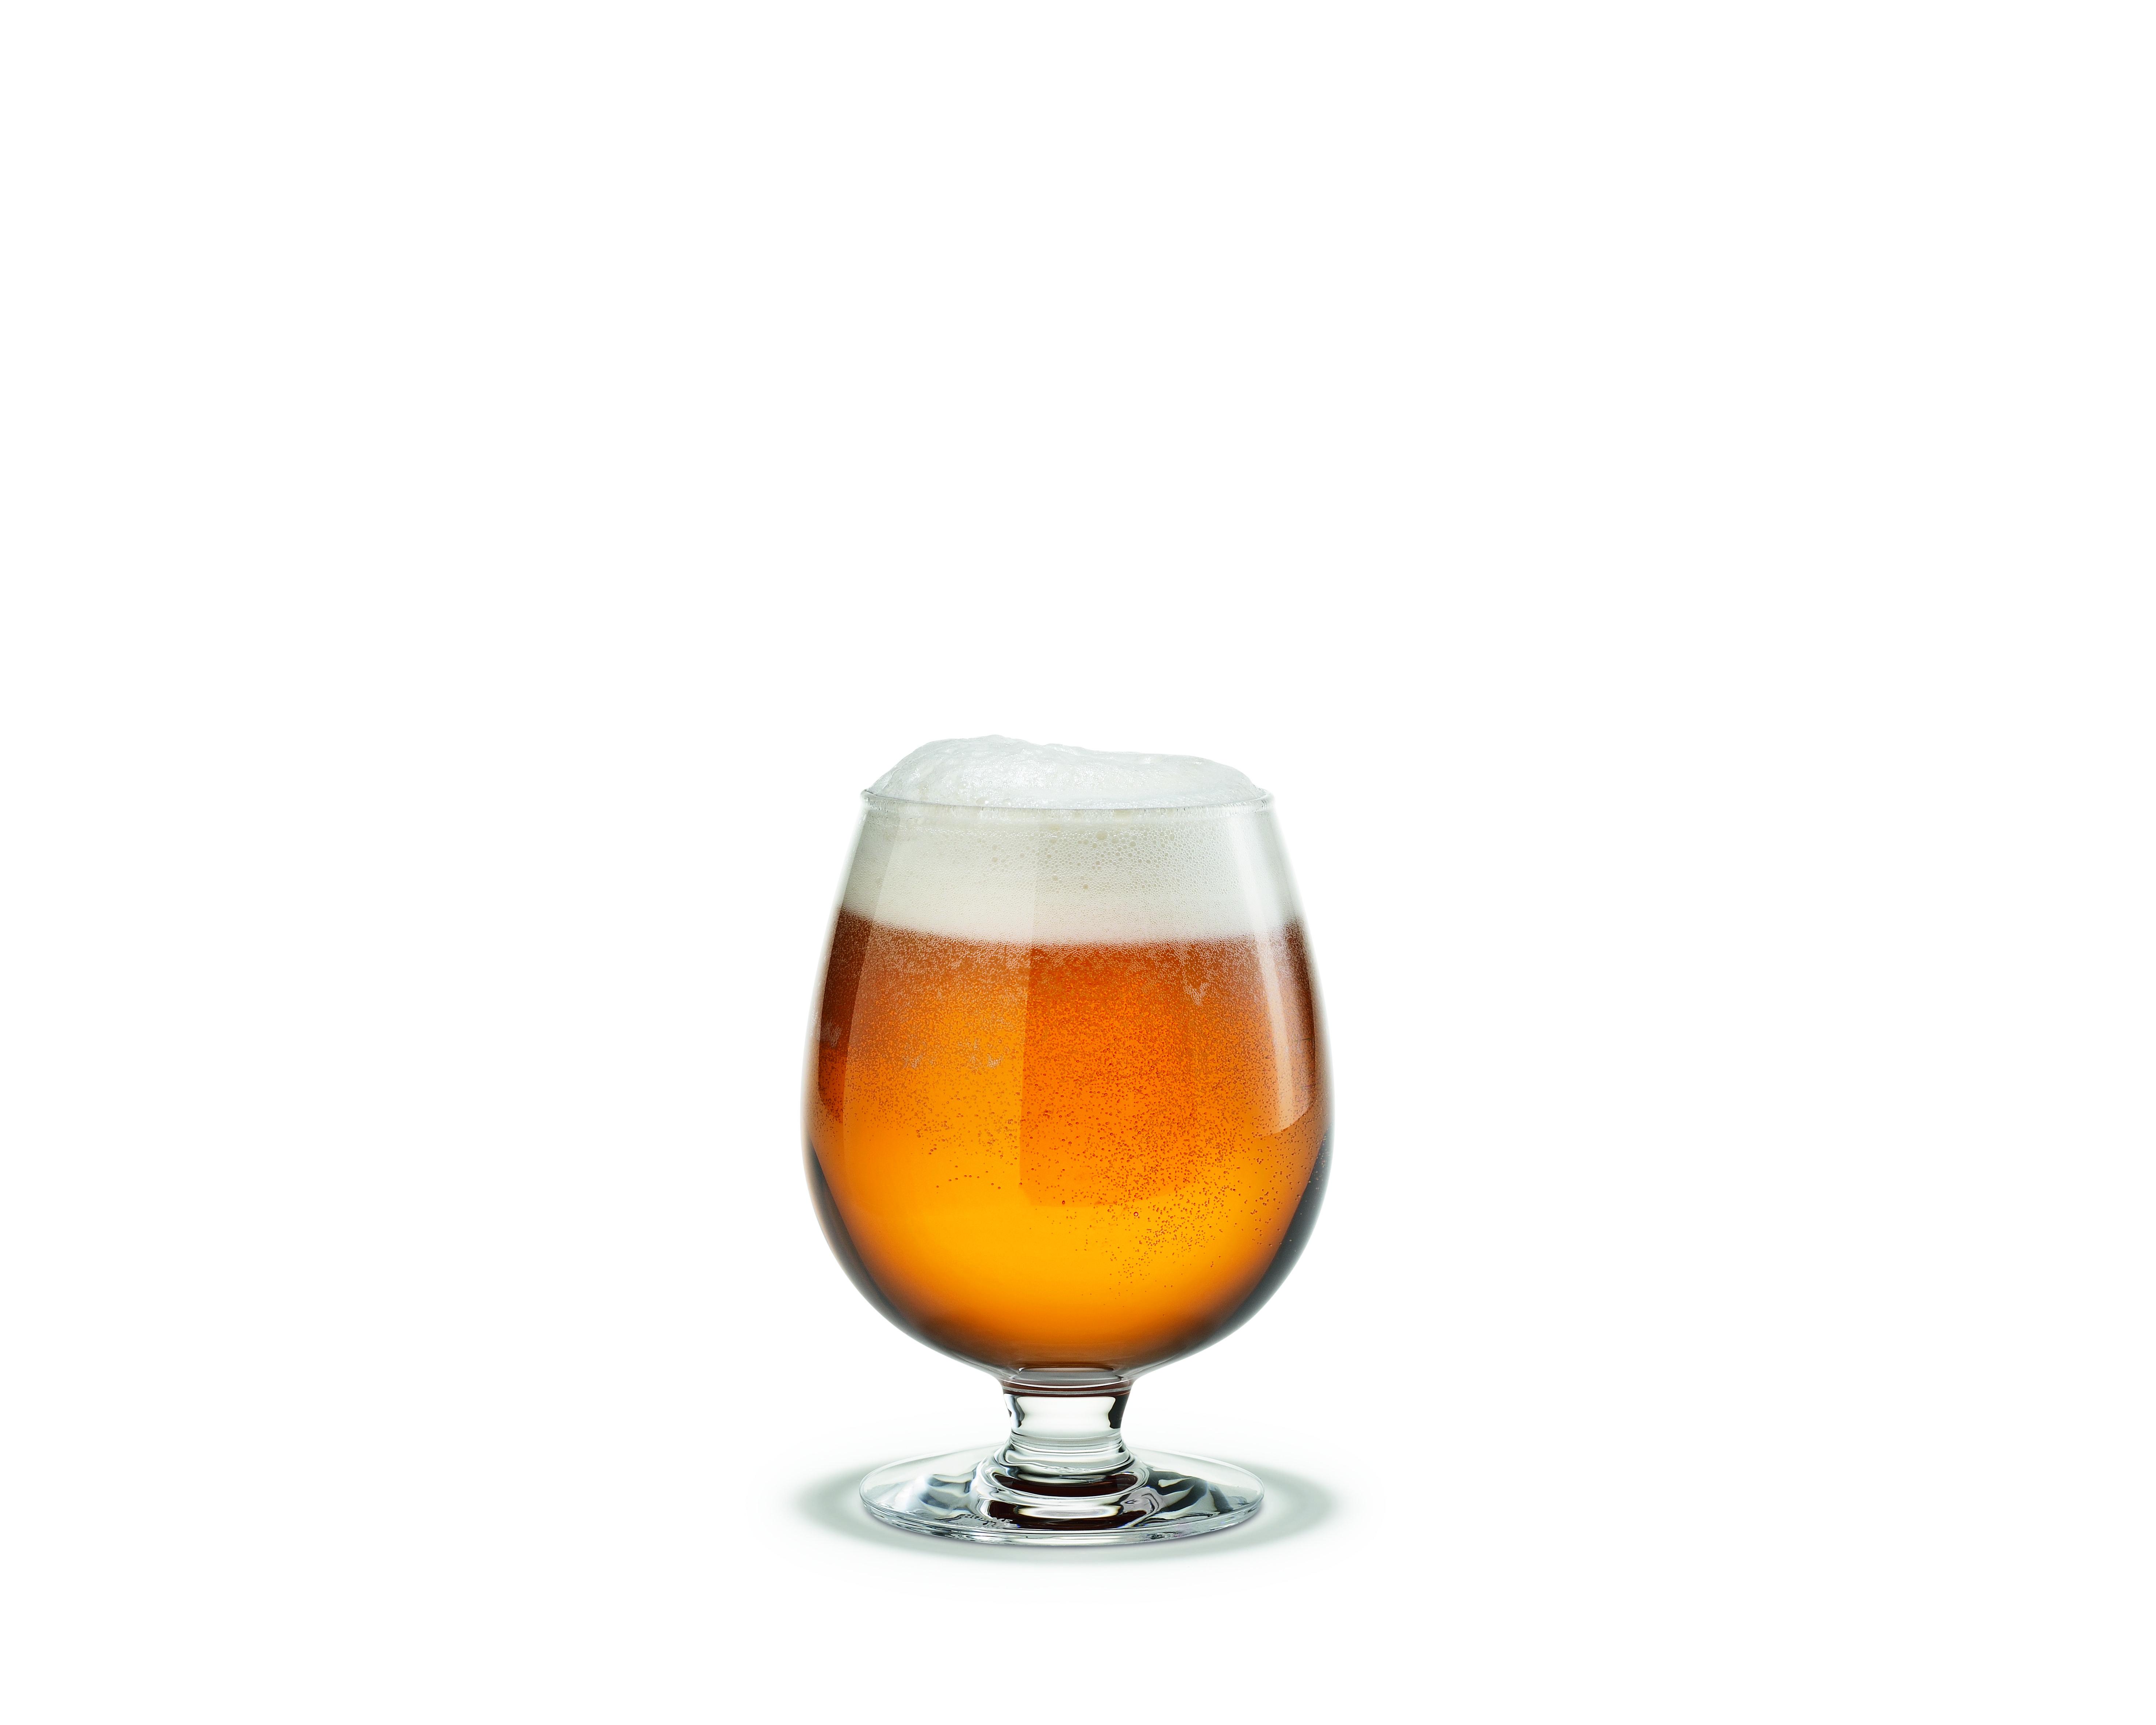 Holmegaard Det Danske Glas ølglas, 440 ml